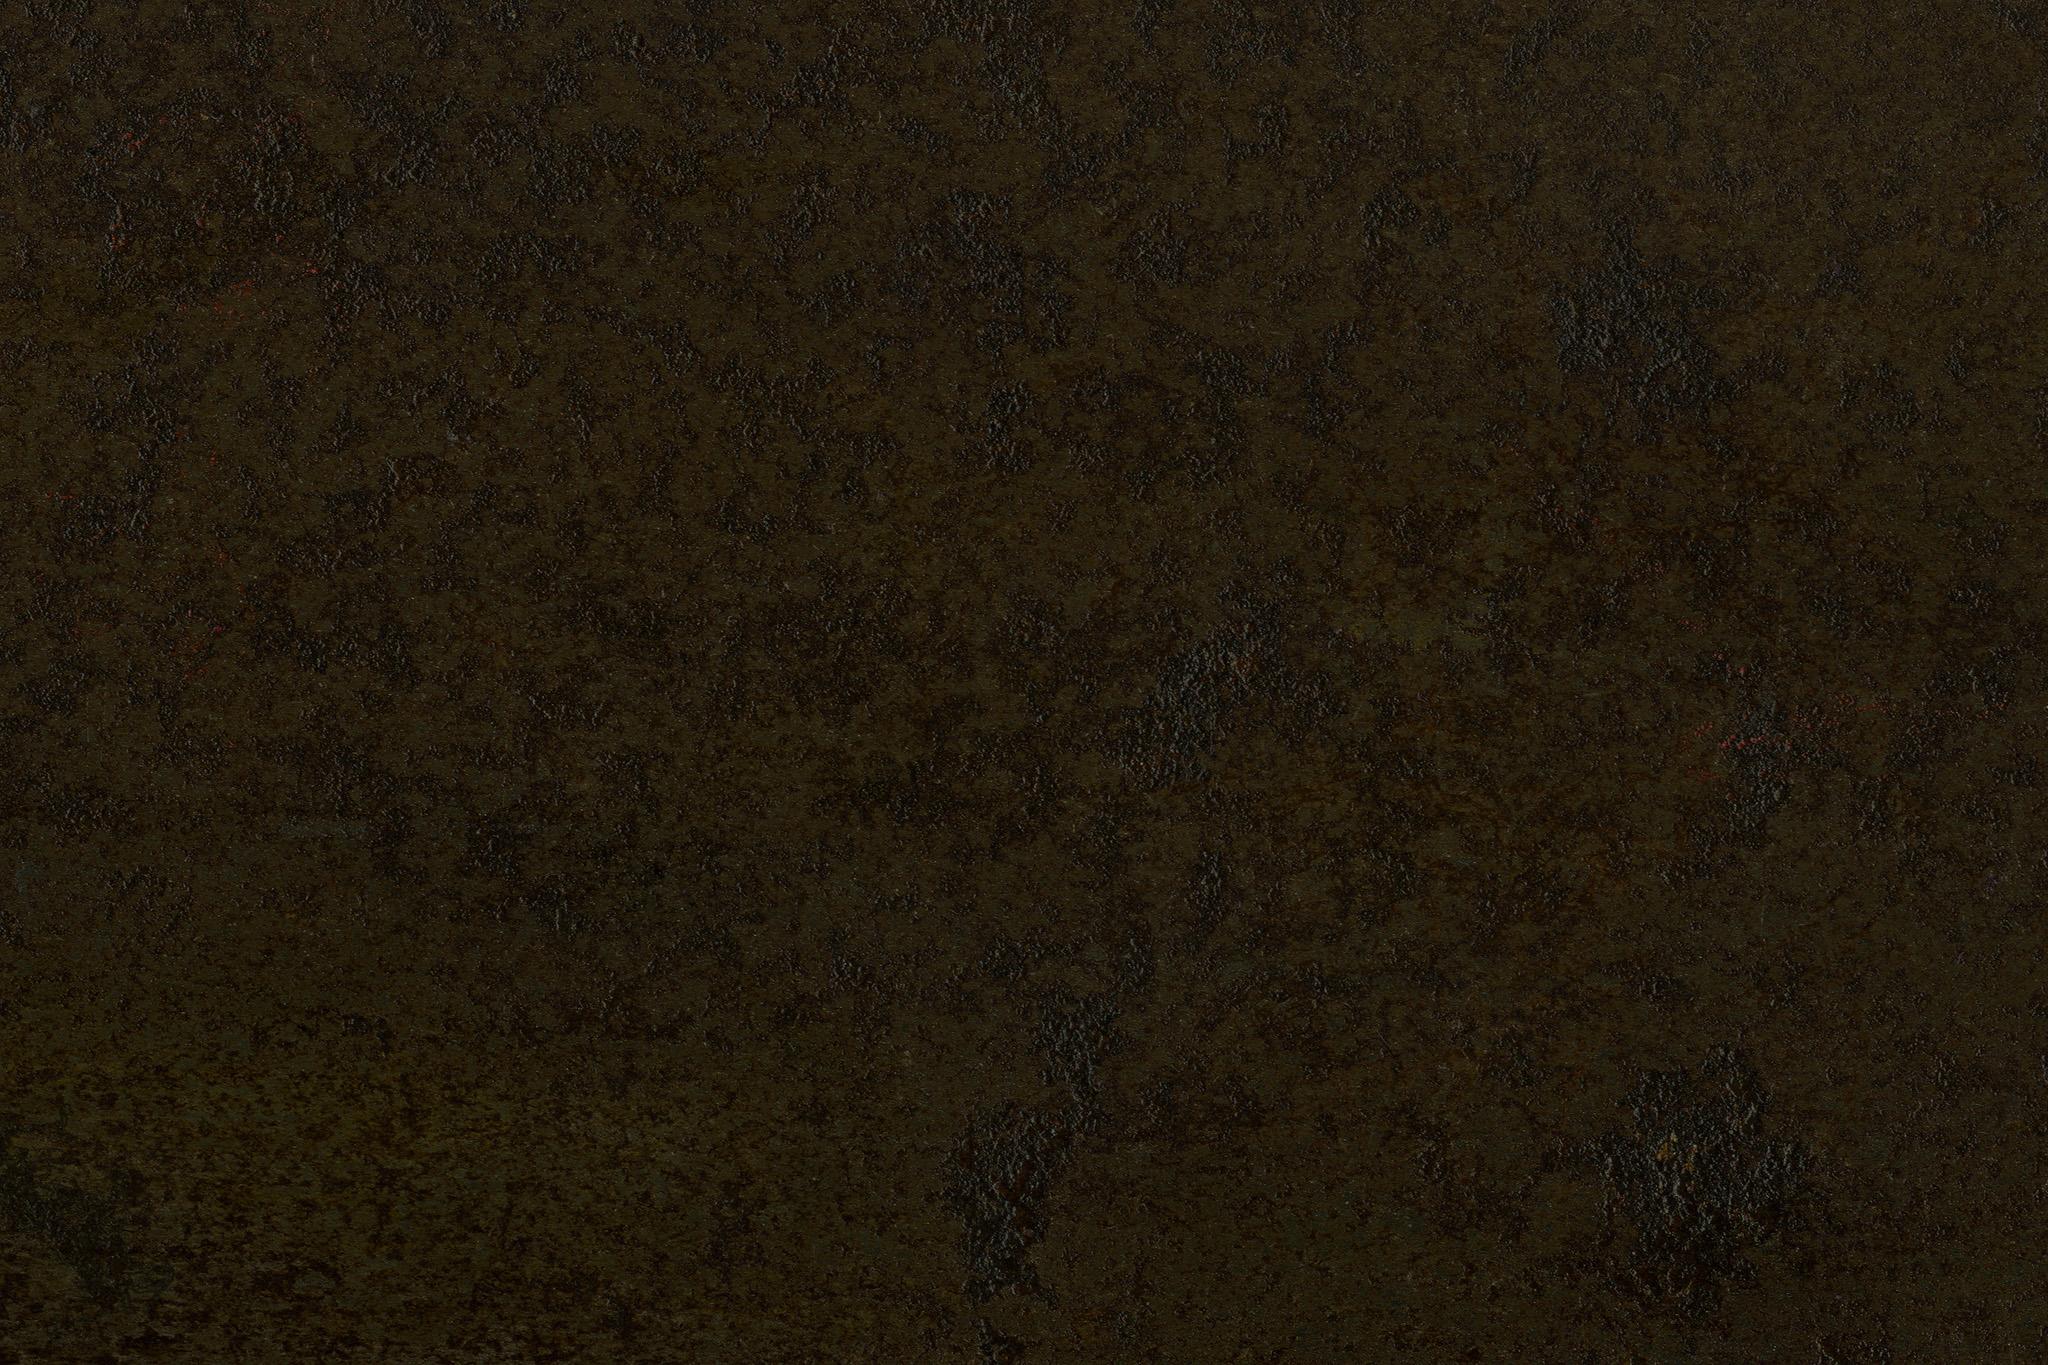 「全体が錆びついた鉄の板」の素材を無料ダウンロード